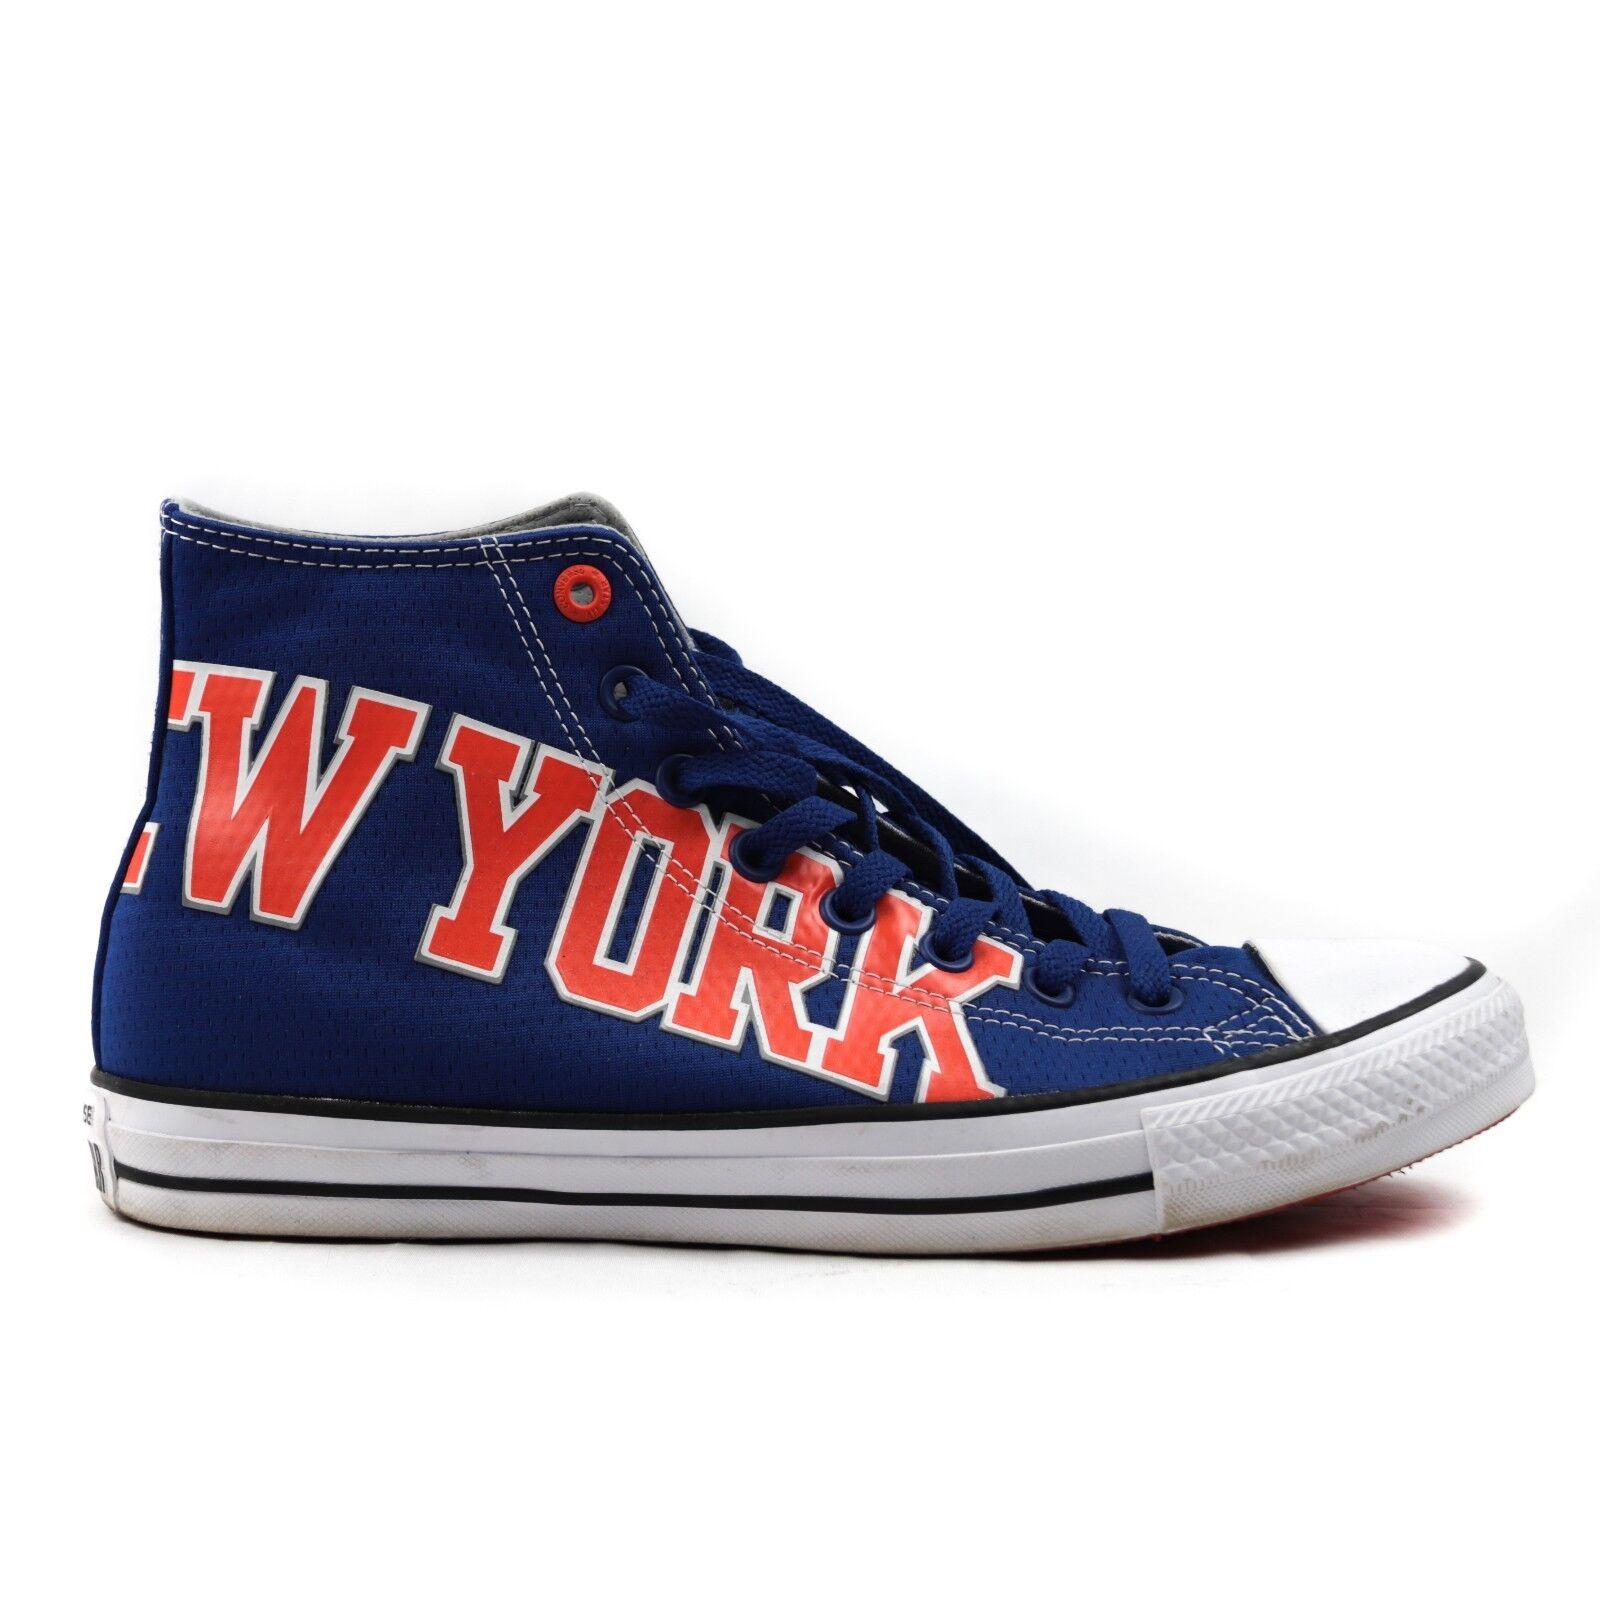 Converse Chuck Taylor NBA Limited New York Knicks schuhe High Top Men 9 New